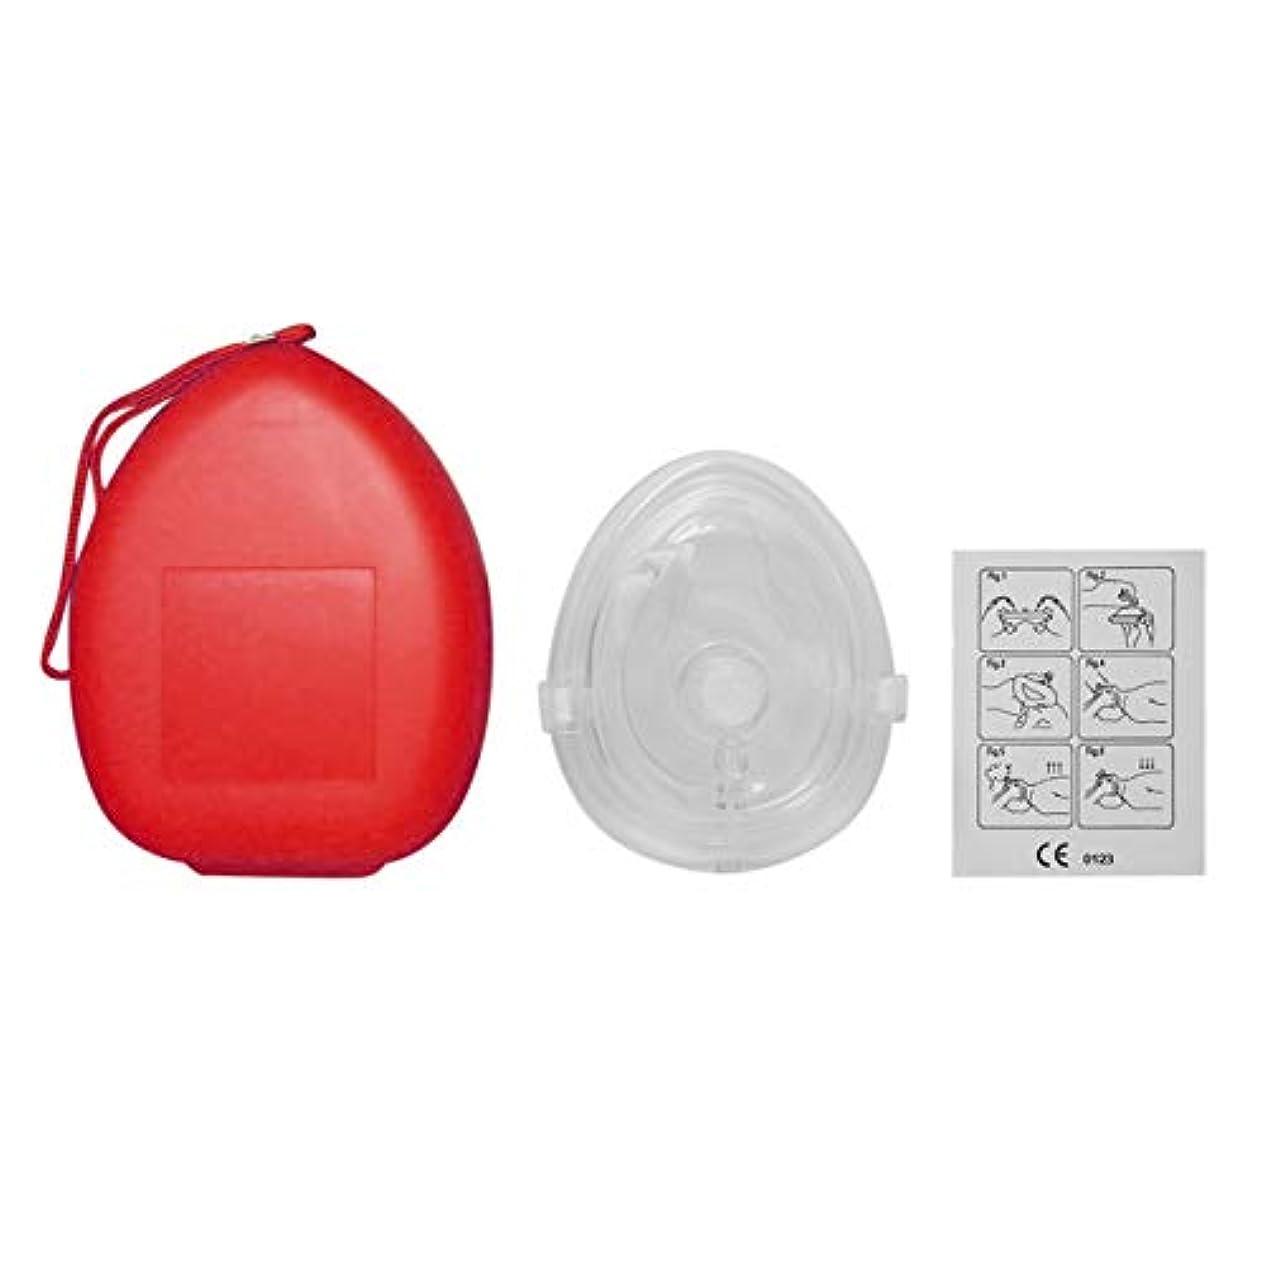 化学保持牧草地友美 プロのcpr顔保護マスク付き一方向弁救急救助者トレーニング教育キット呼吸マスク医療ツール